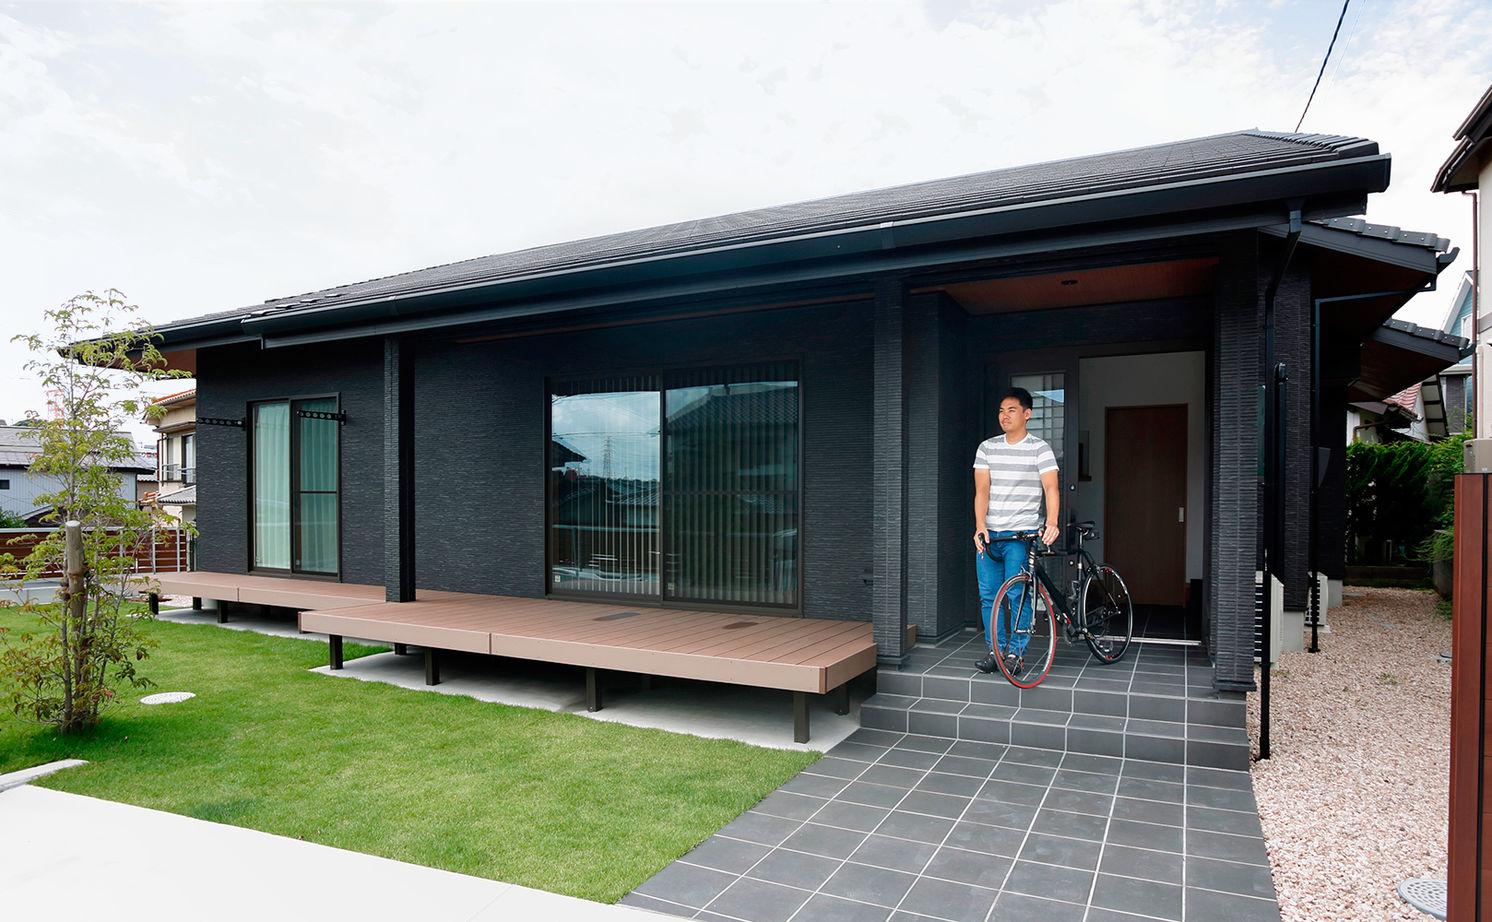 【建物本体価格2000万円台】LDKを中心に家中の空間が繋がる平屋は、常に「家族一緒」を感じられる住まい画像1